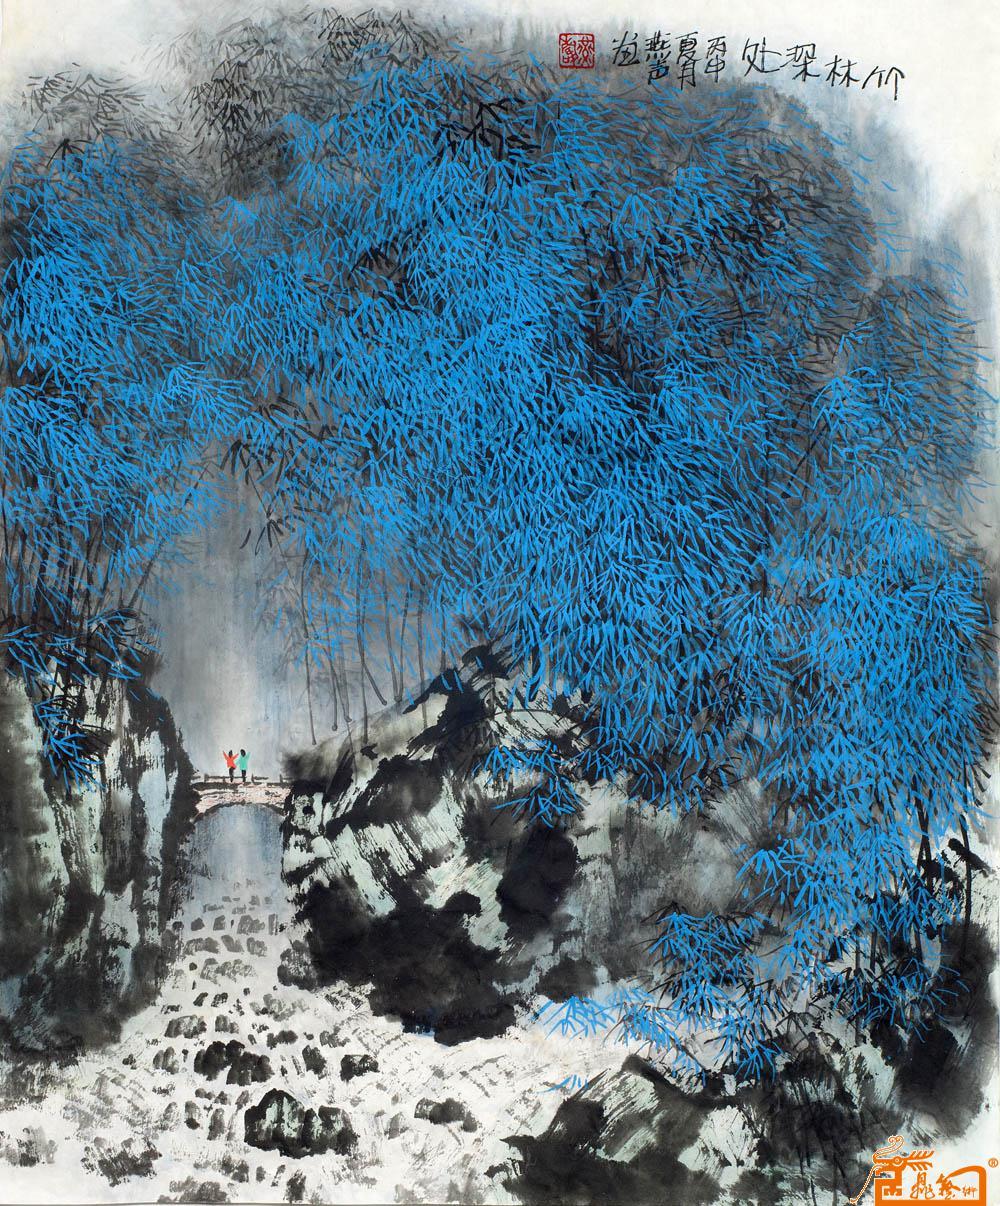 劉燕聲-著名山水畫作品-竹林深處-淘寶-名人字畫-中國